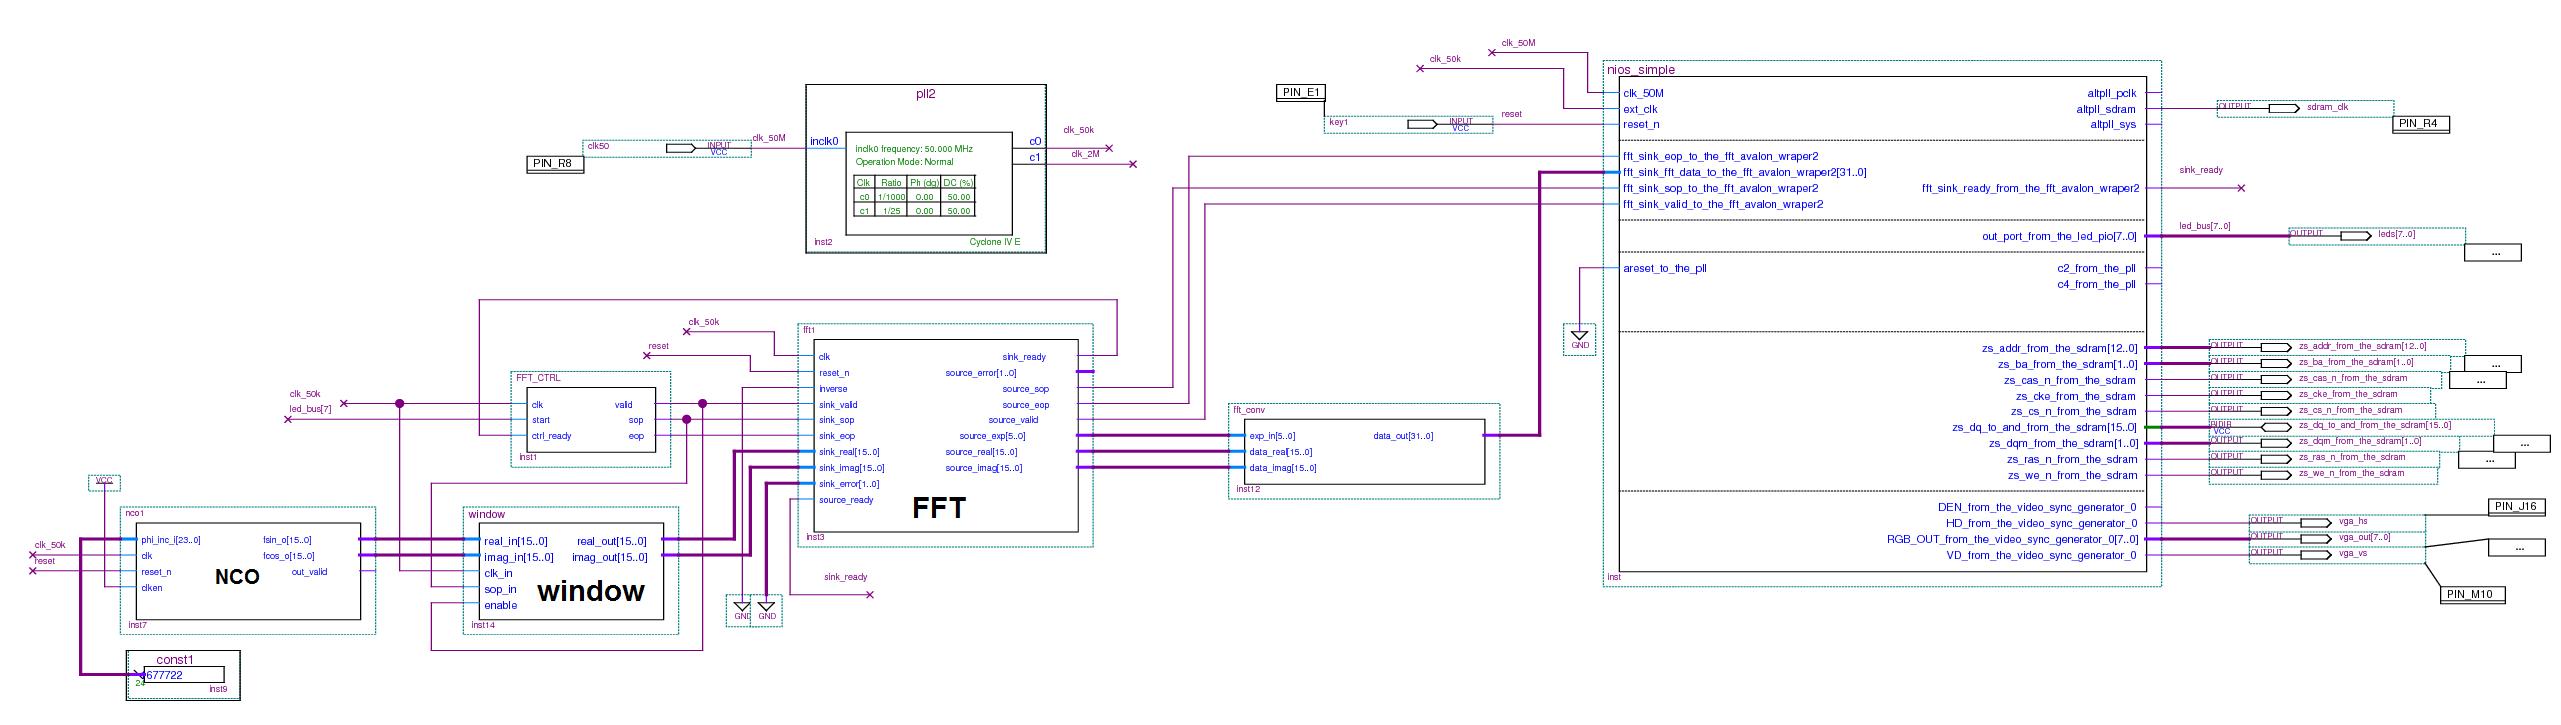 Использование модуля FFT совместно с NIOS / ПЛИС / Сообщество